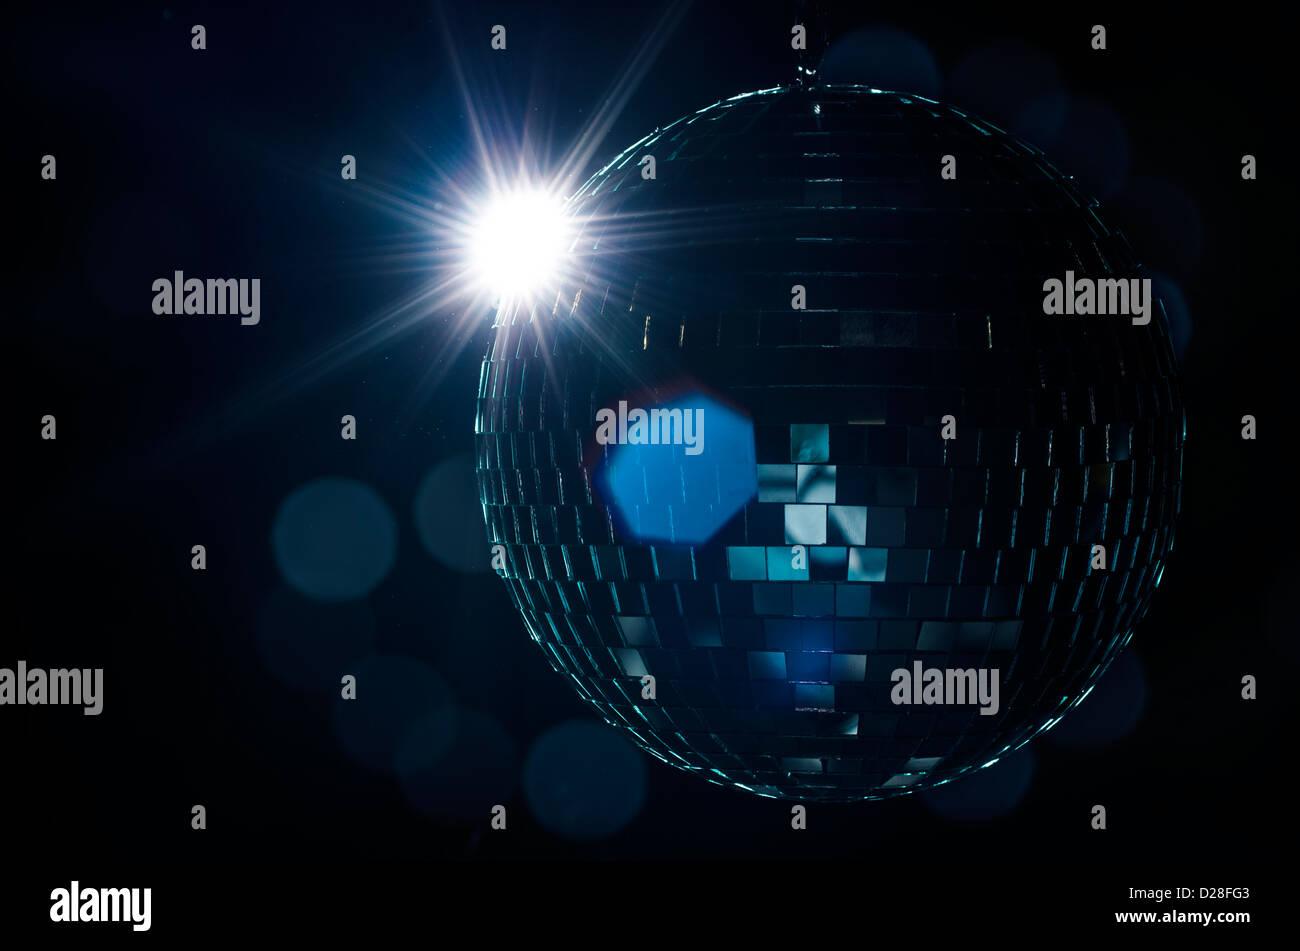 Eine Disco-Kugel mit leichten Flair und verschwommenen Lichtern auf Hintergrund. Ein Nachtleben Bild als Beispiel Stockbild